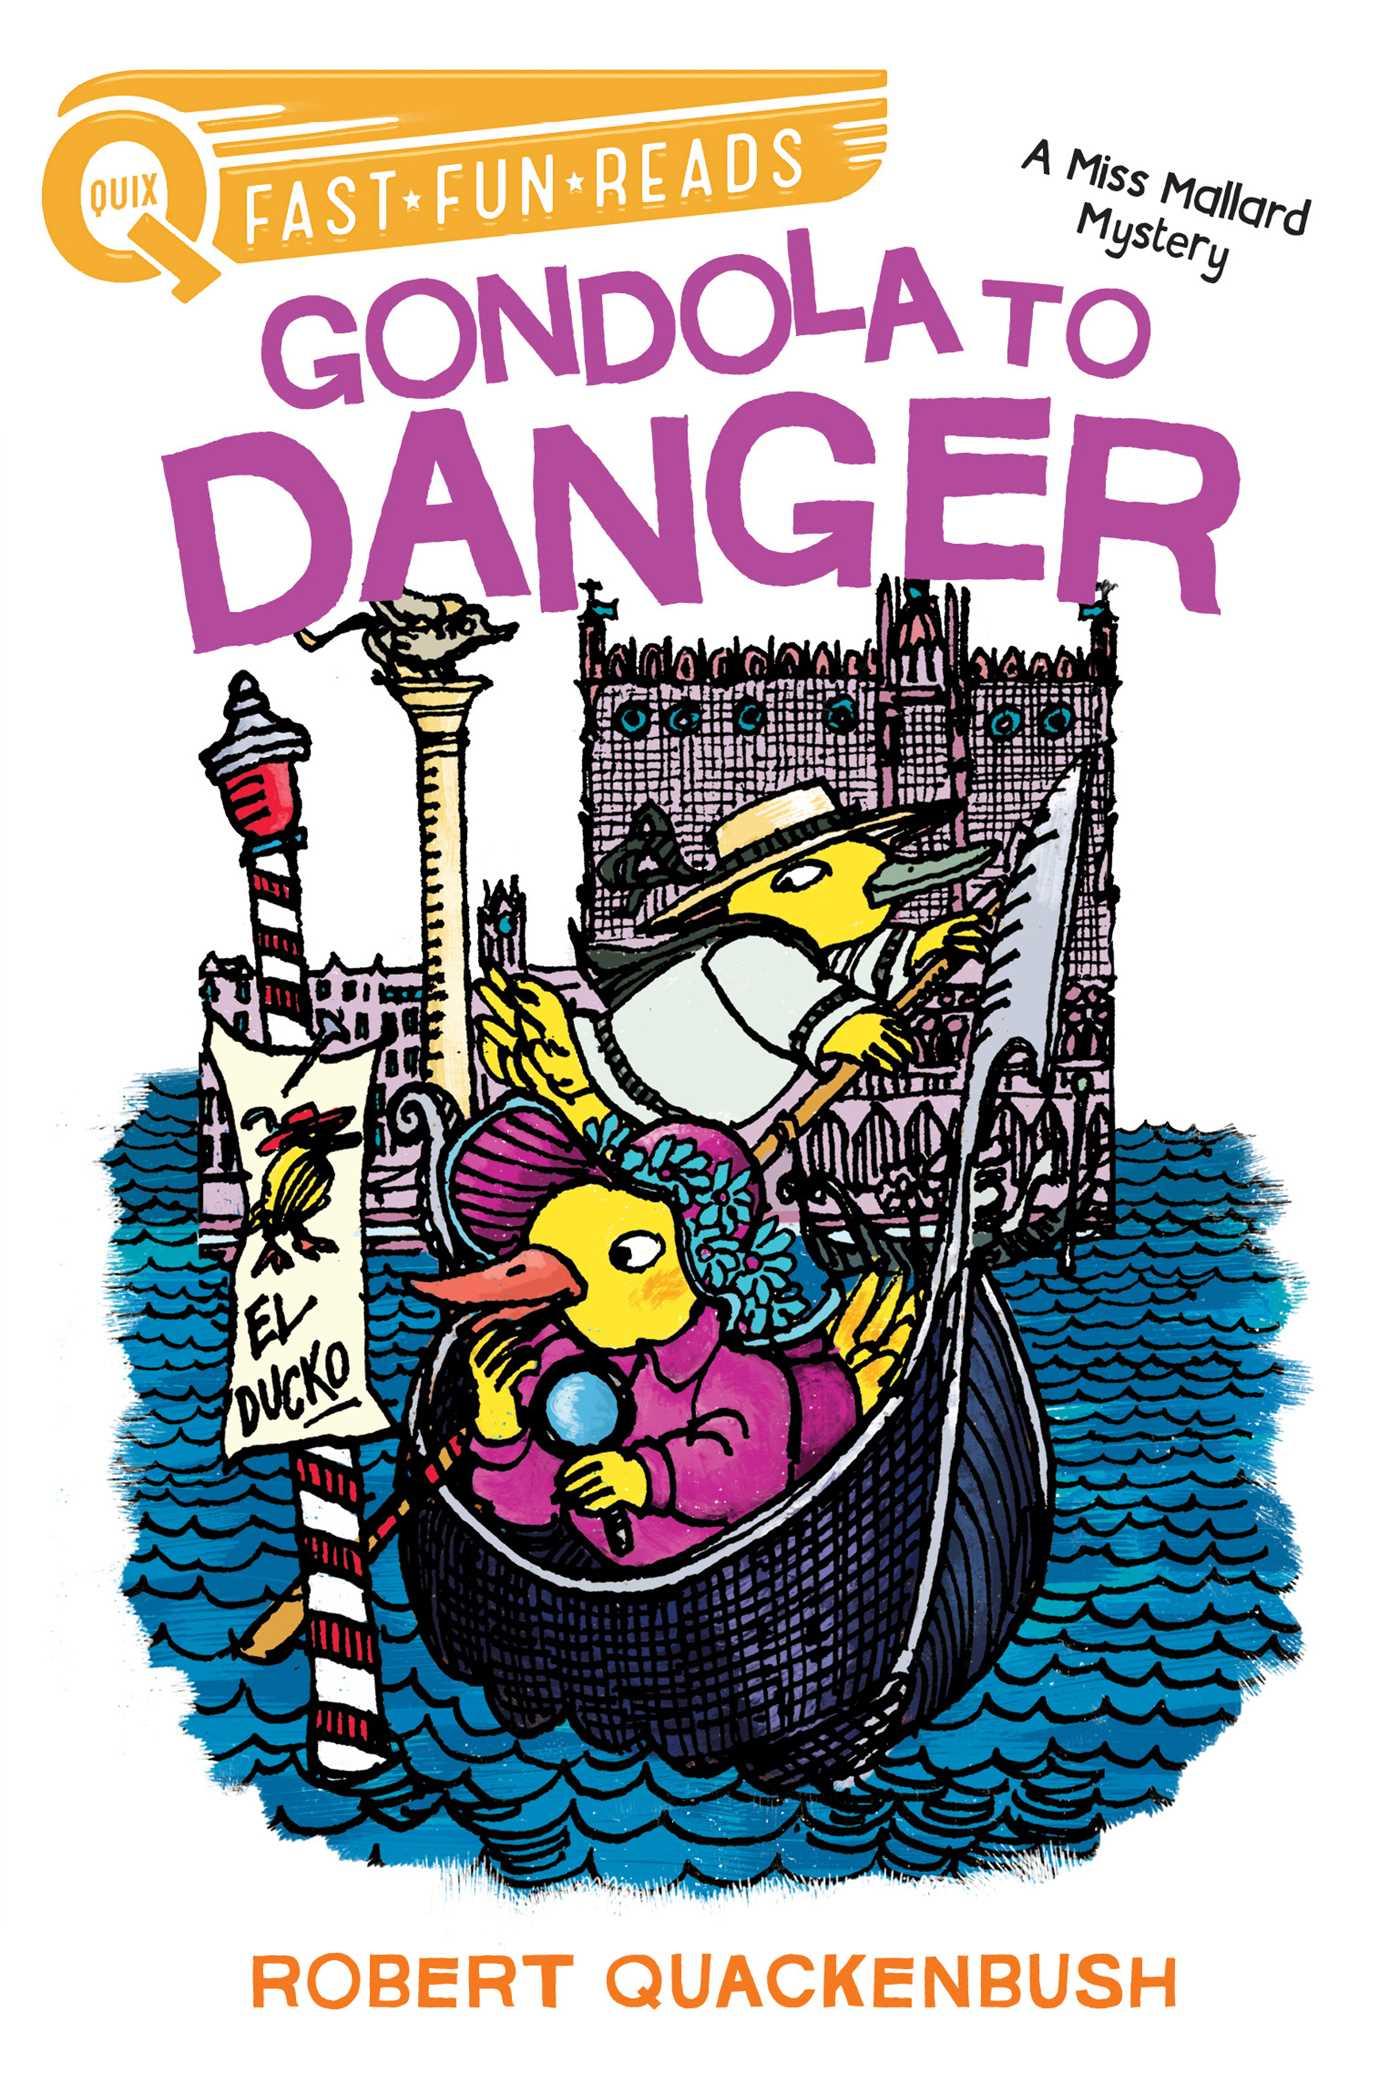 Gondola to danger 9781534414051 hr